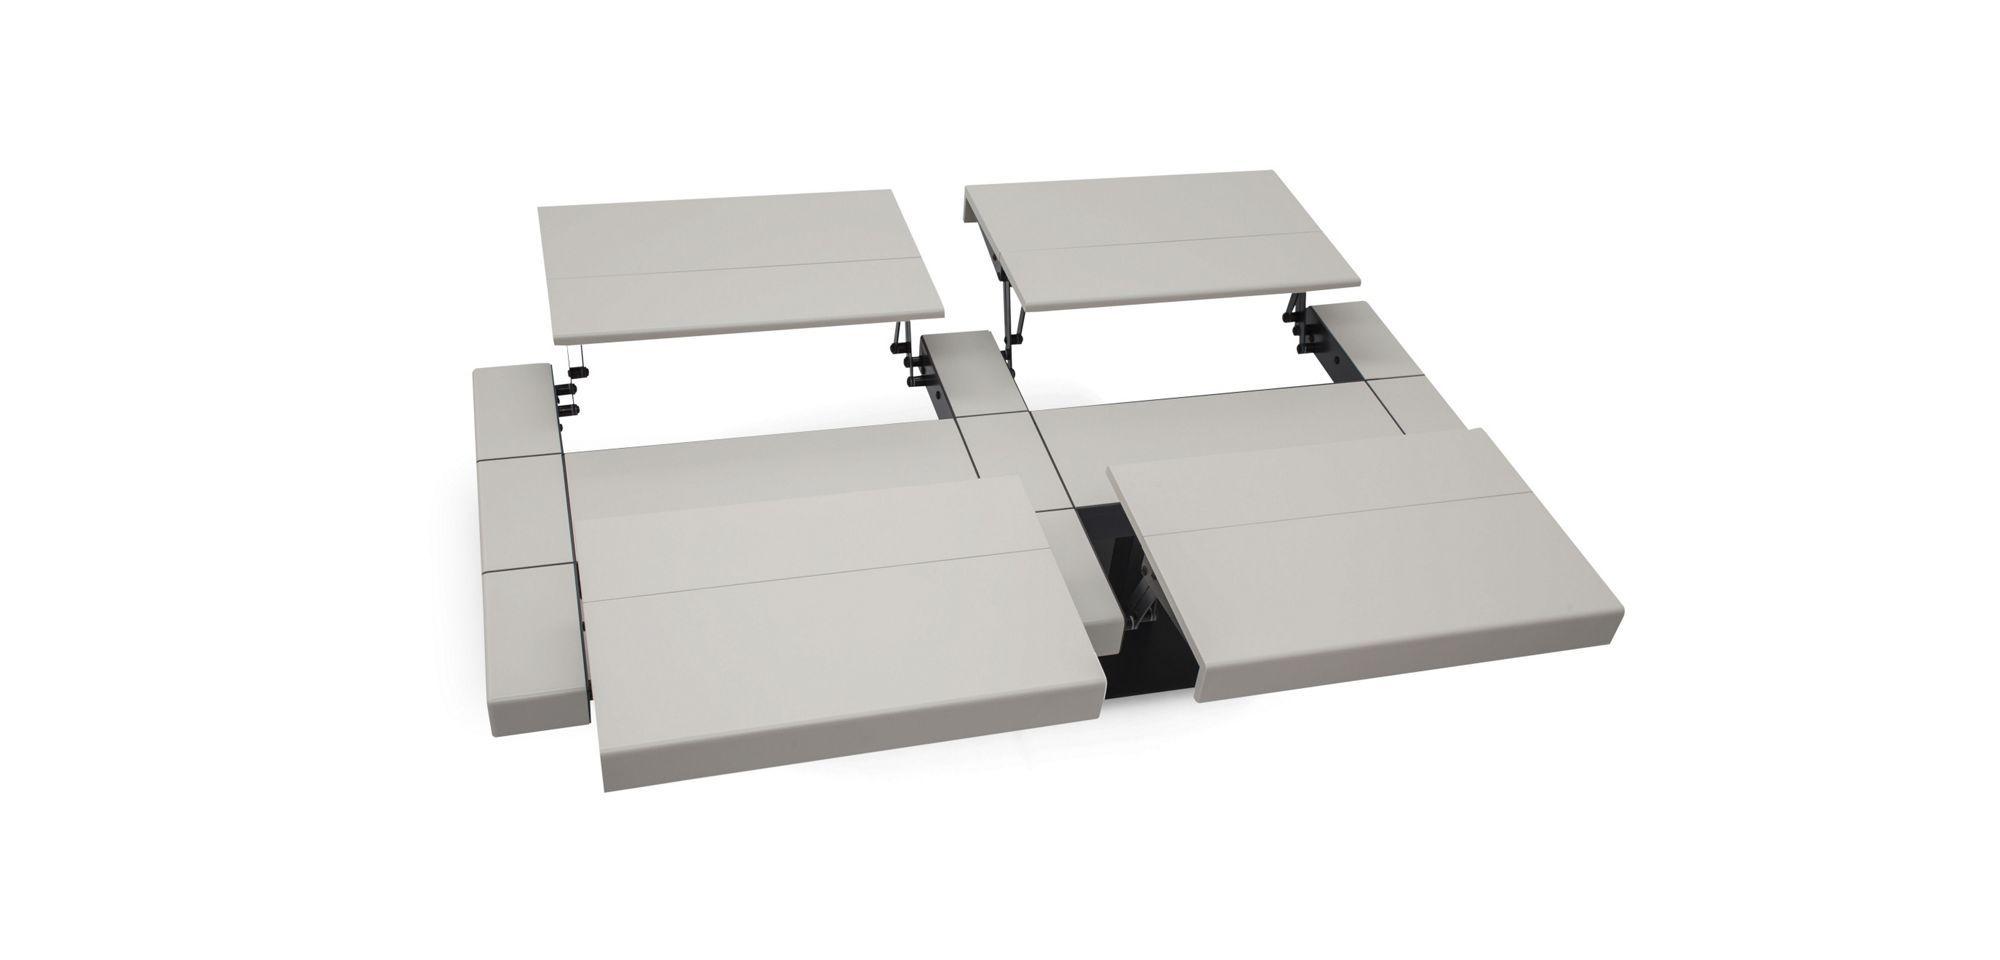 Table Basse En Medium Laque Nombreux Coloris Disponibles Avec Mecanisme Pour Ouverture Des 4 Cotes A Utiliser Comme Tablette Hauteur Ouv Mobilier Table